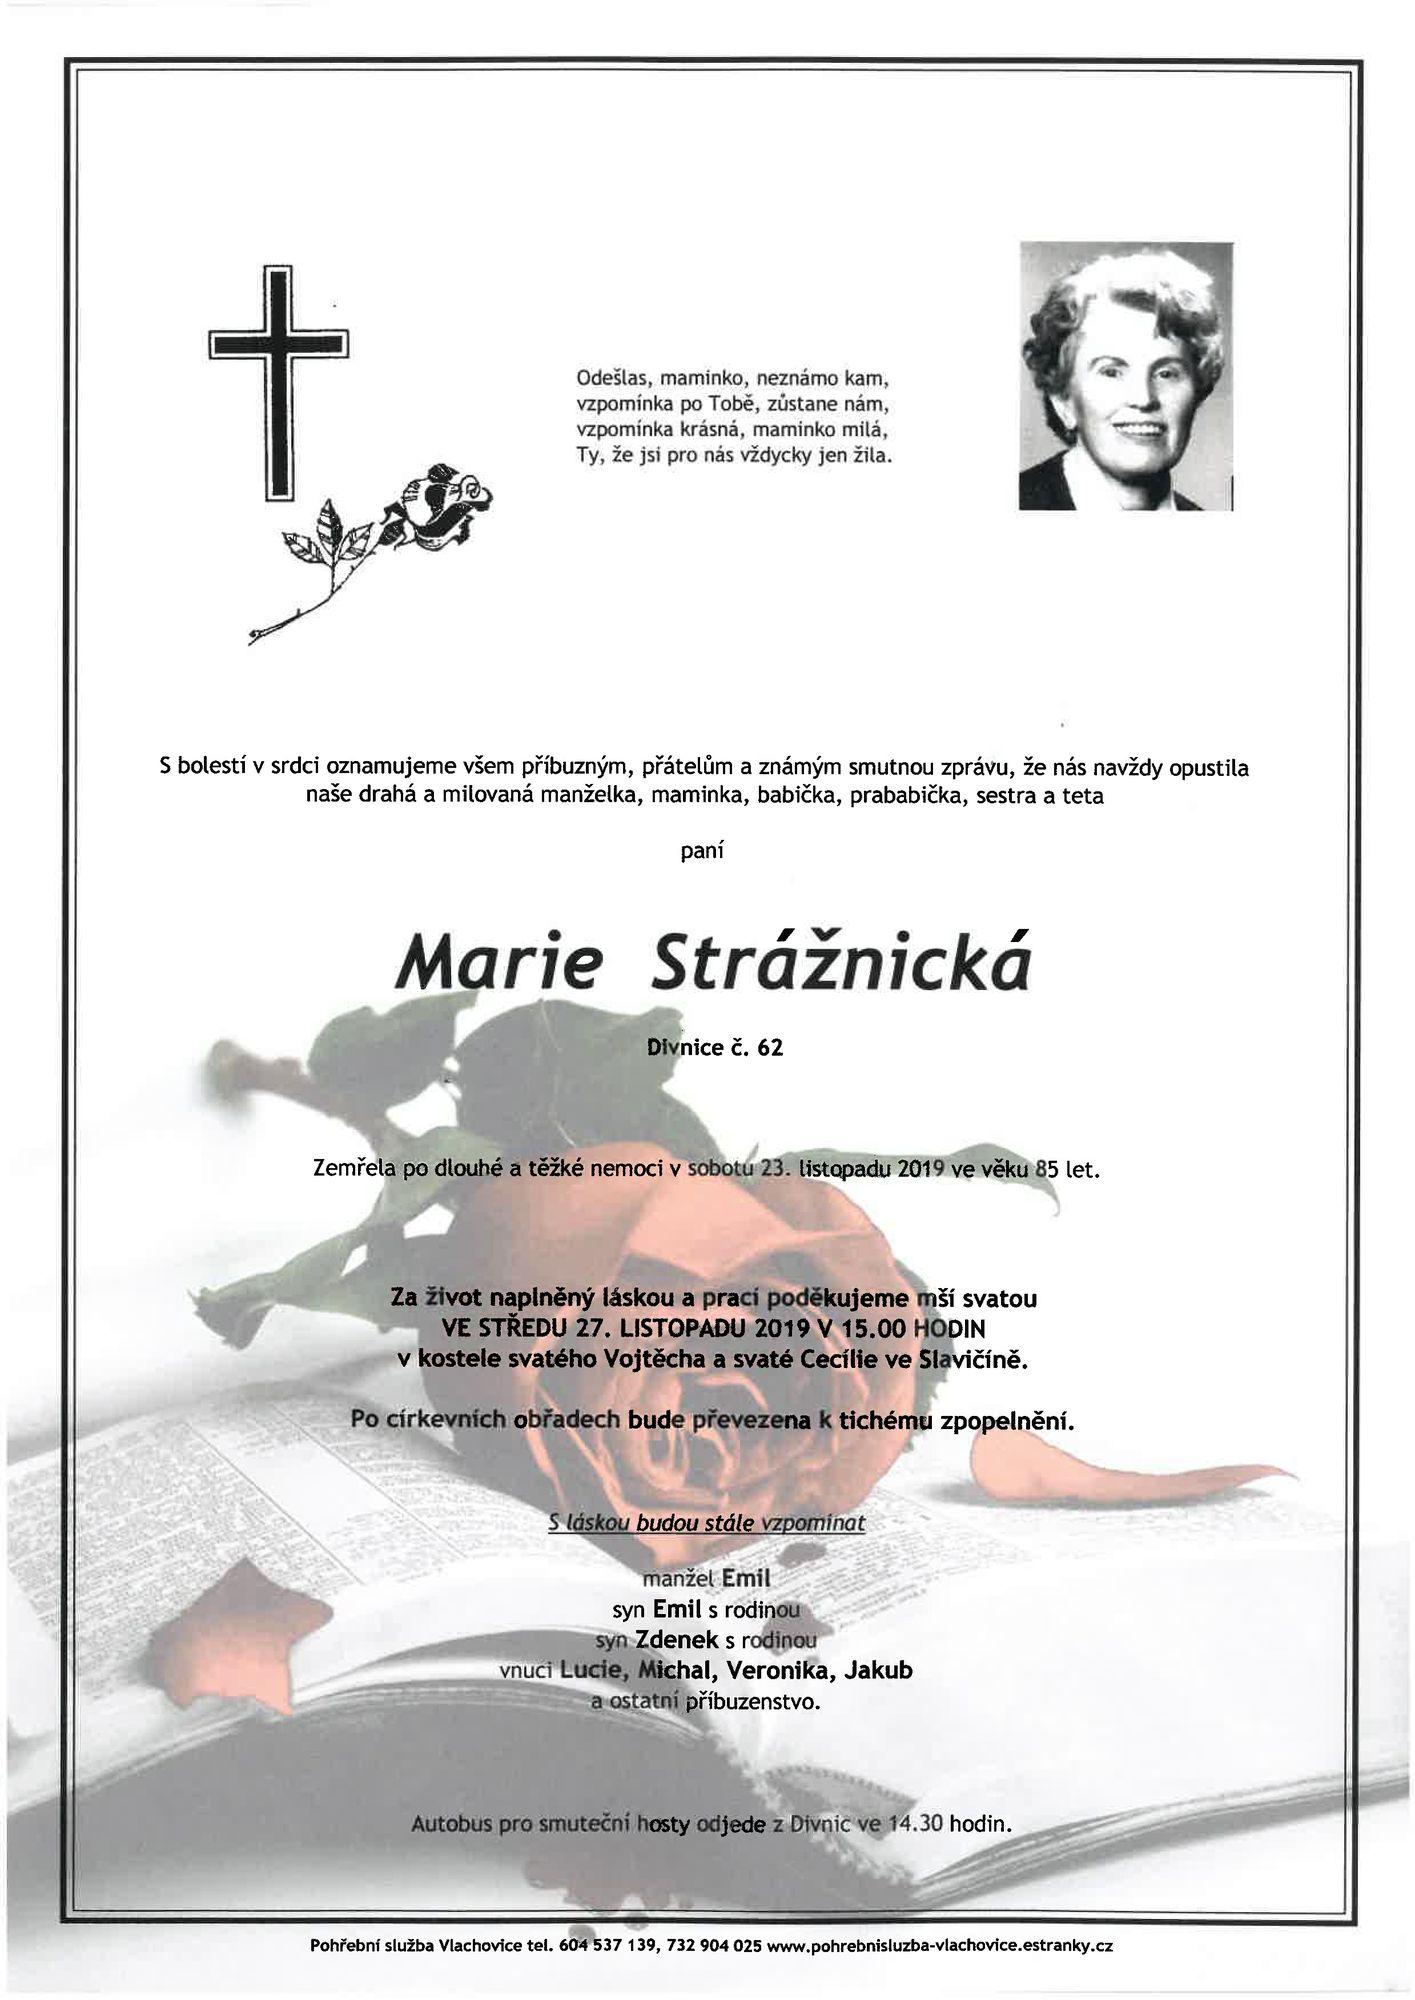 Marie Strážnická